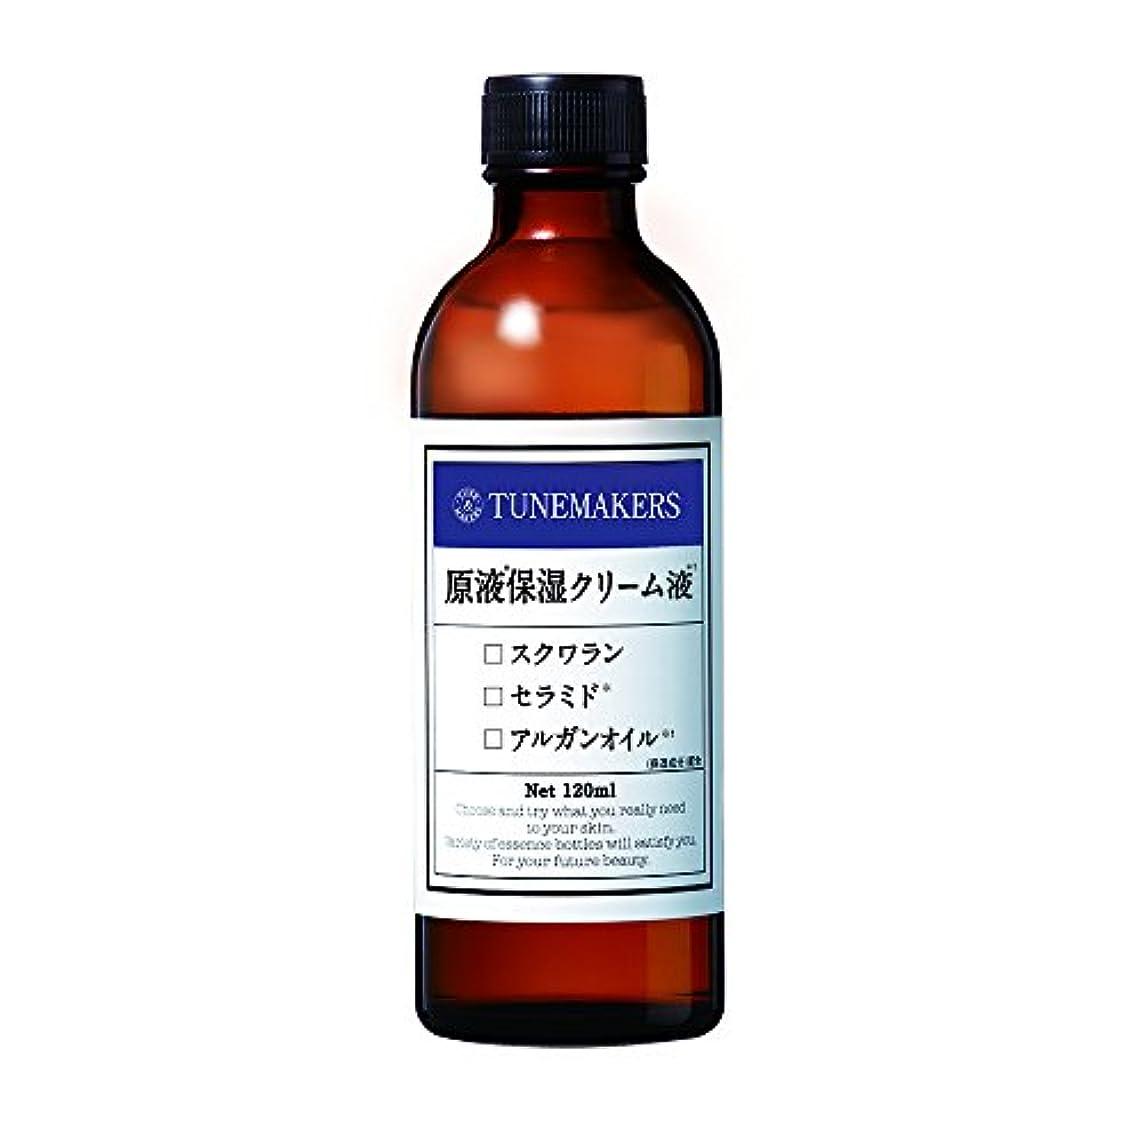 生き残りクレデンシャルタンクチューンメーカーズ 原液保湿クリーム液 とてもしっとり用 120ml 化粧水 [スクワラン?セラミド酸配合]